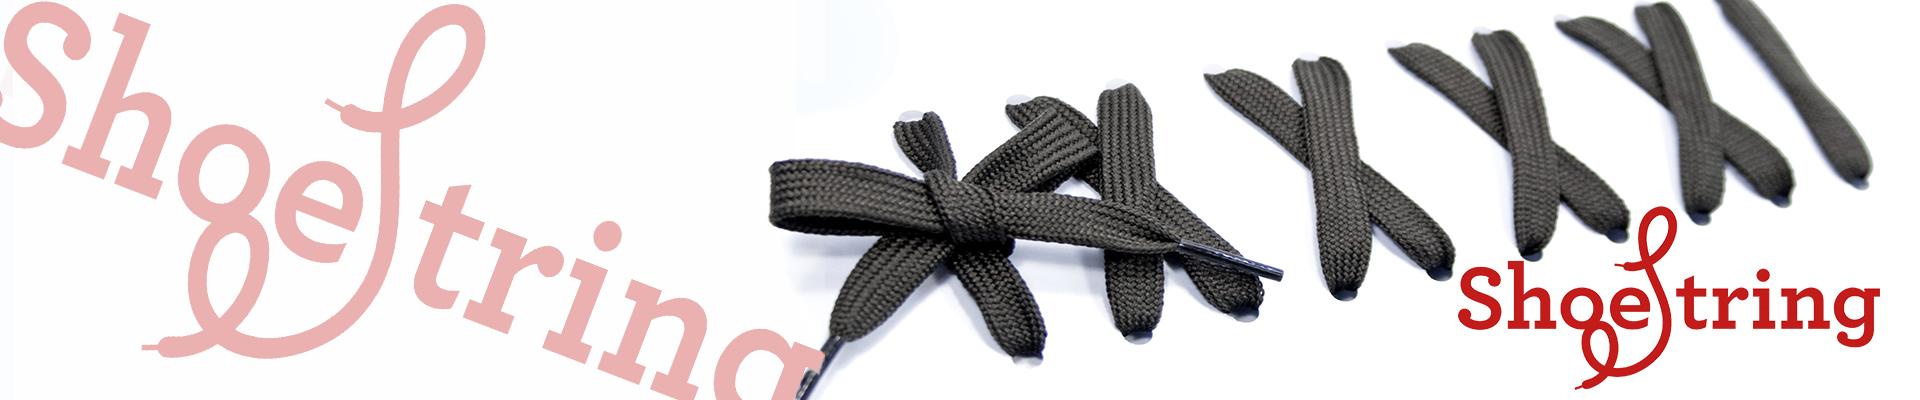 Shoe String Shoe Laces